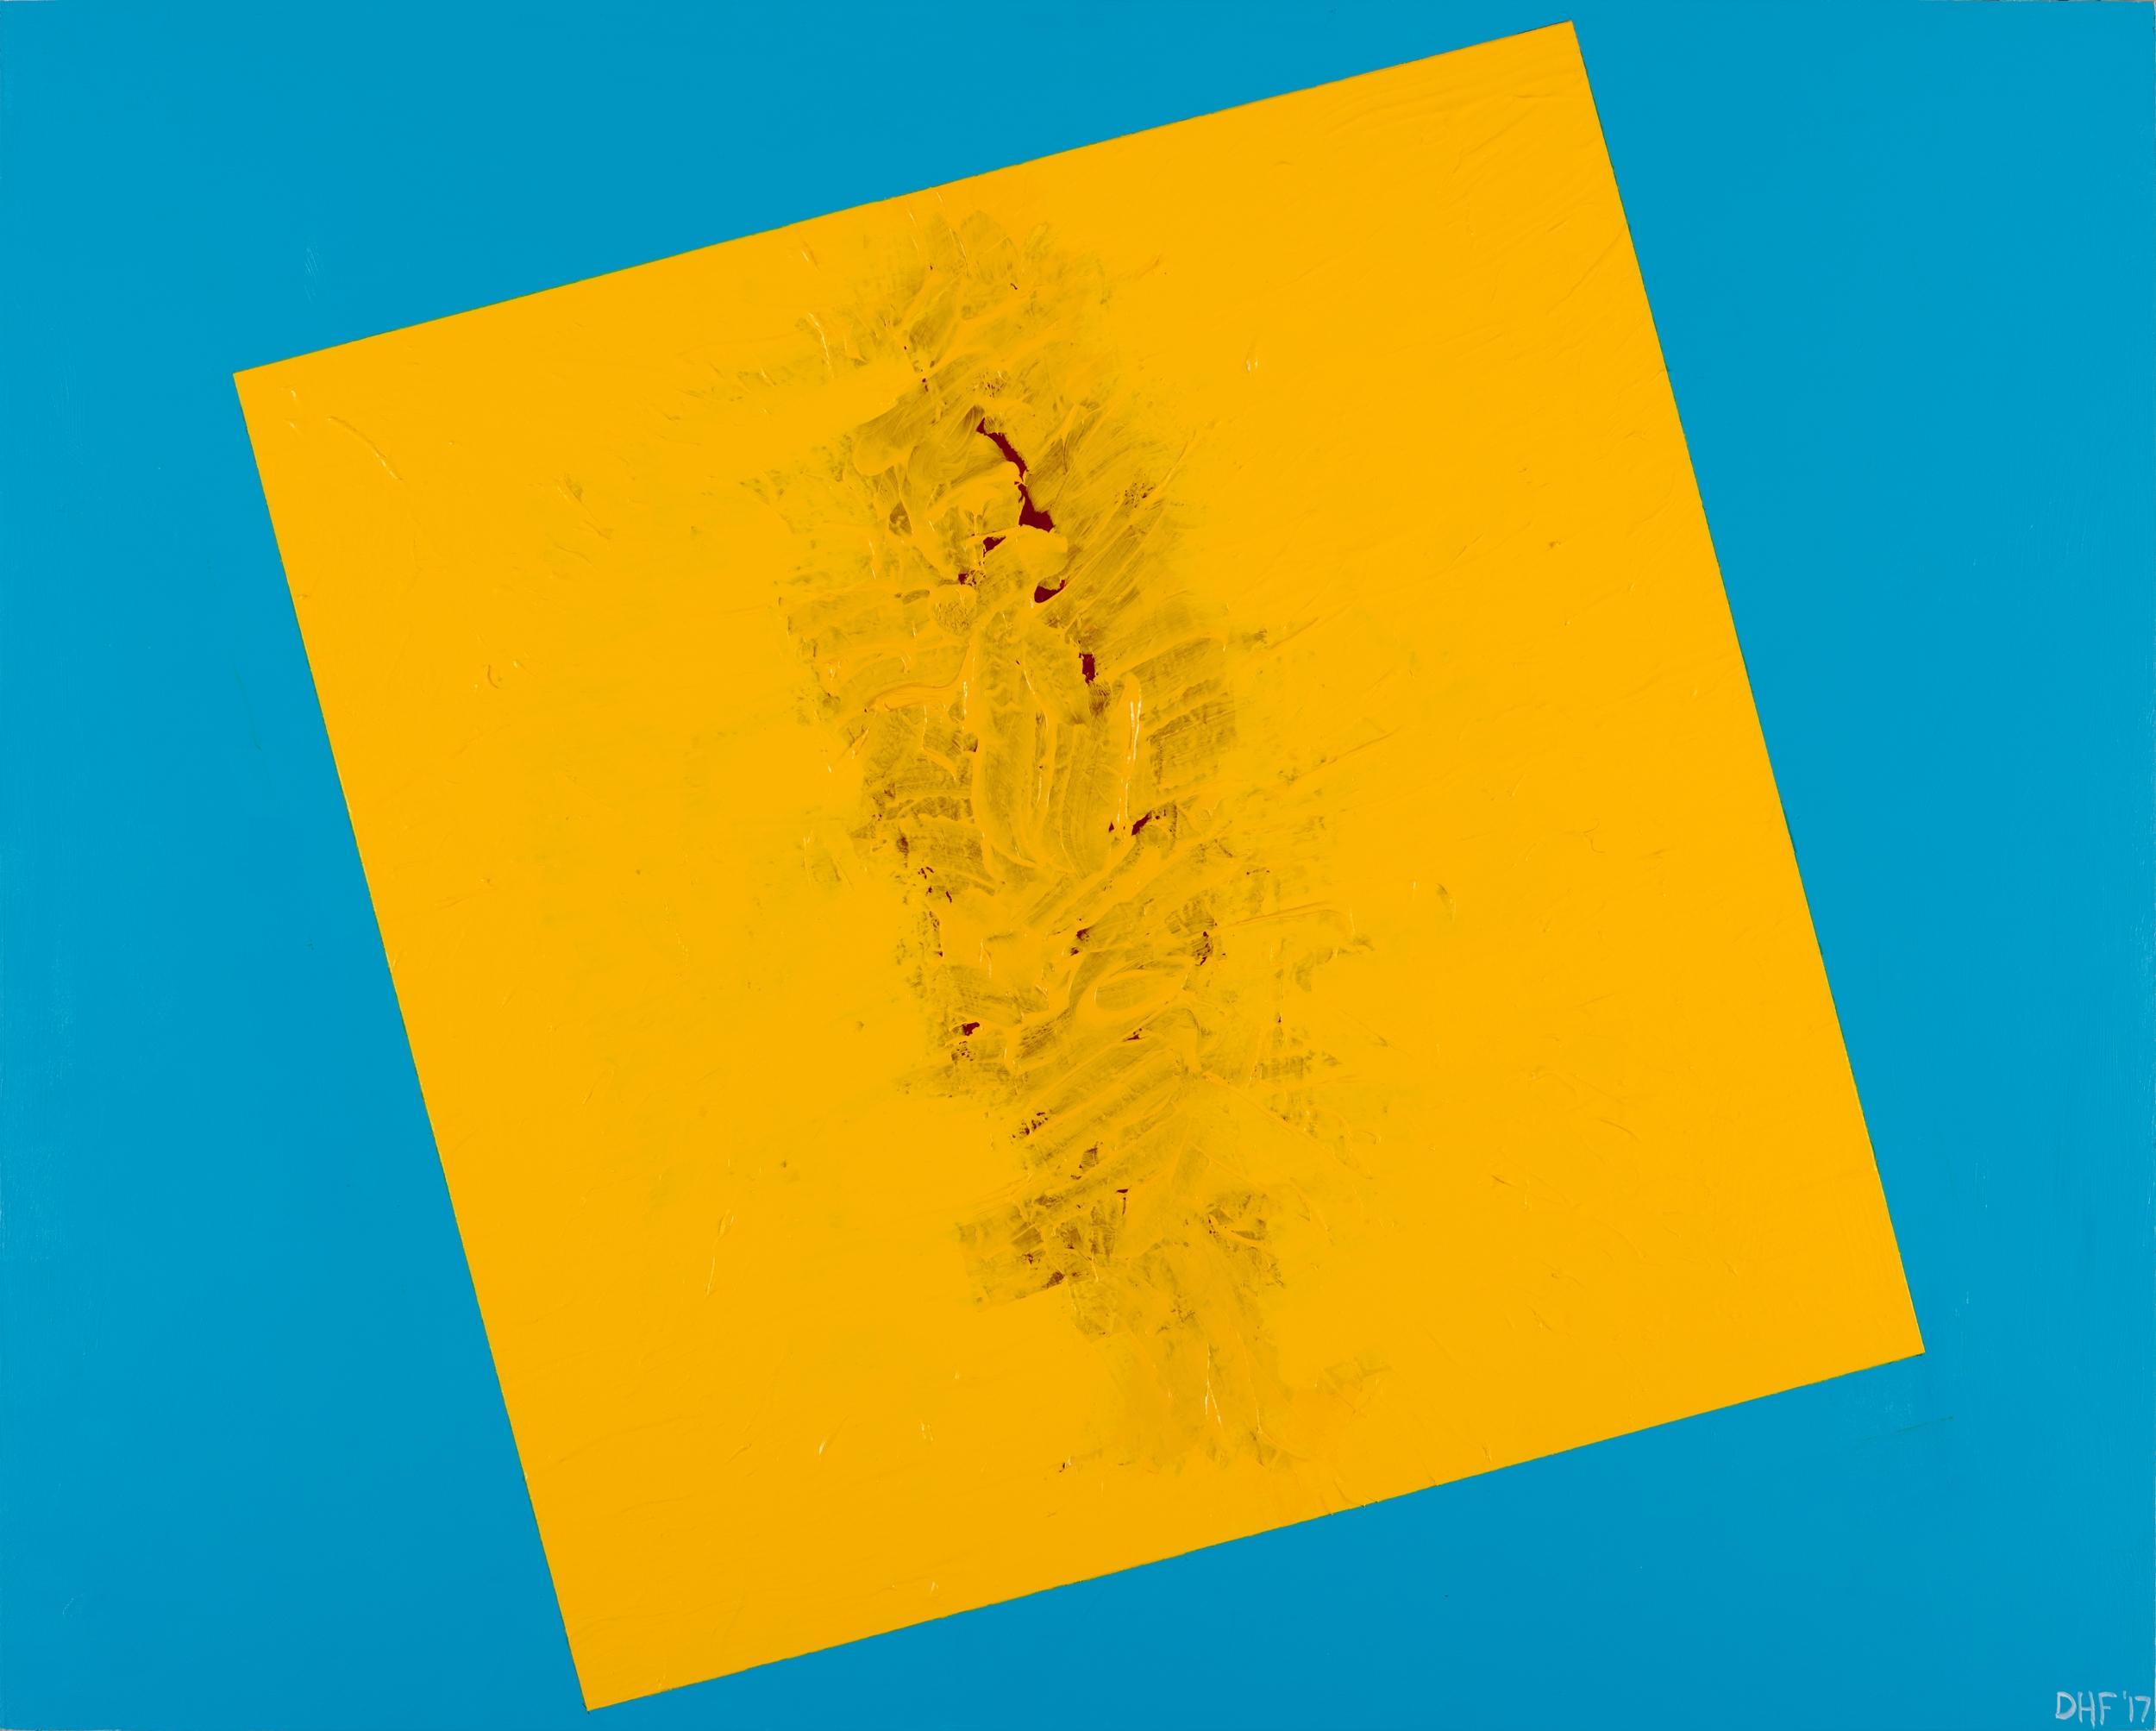 """One pixel #1 yellow on blue, 24""""x30"""", 2017, acrylic on panel"""